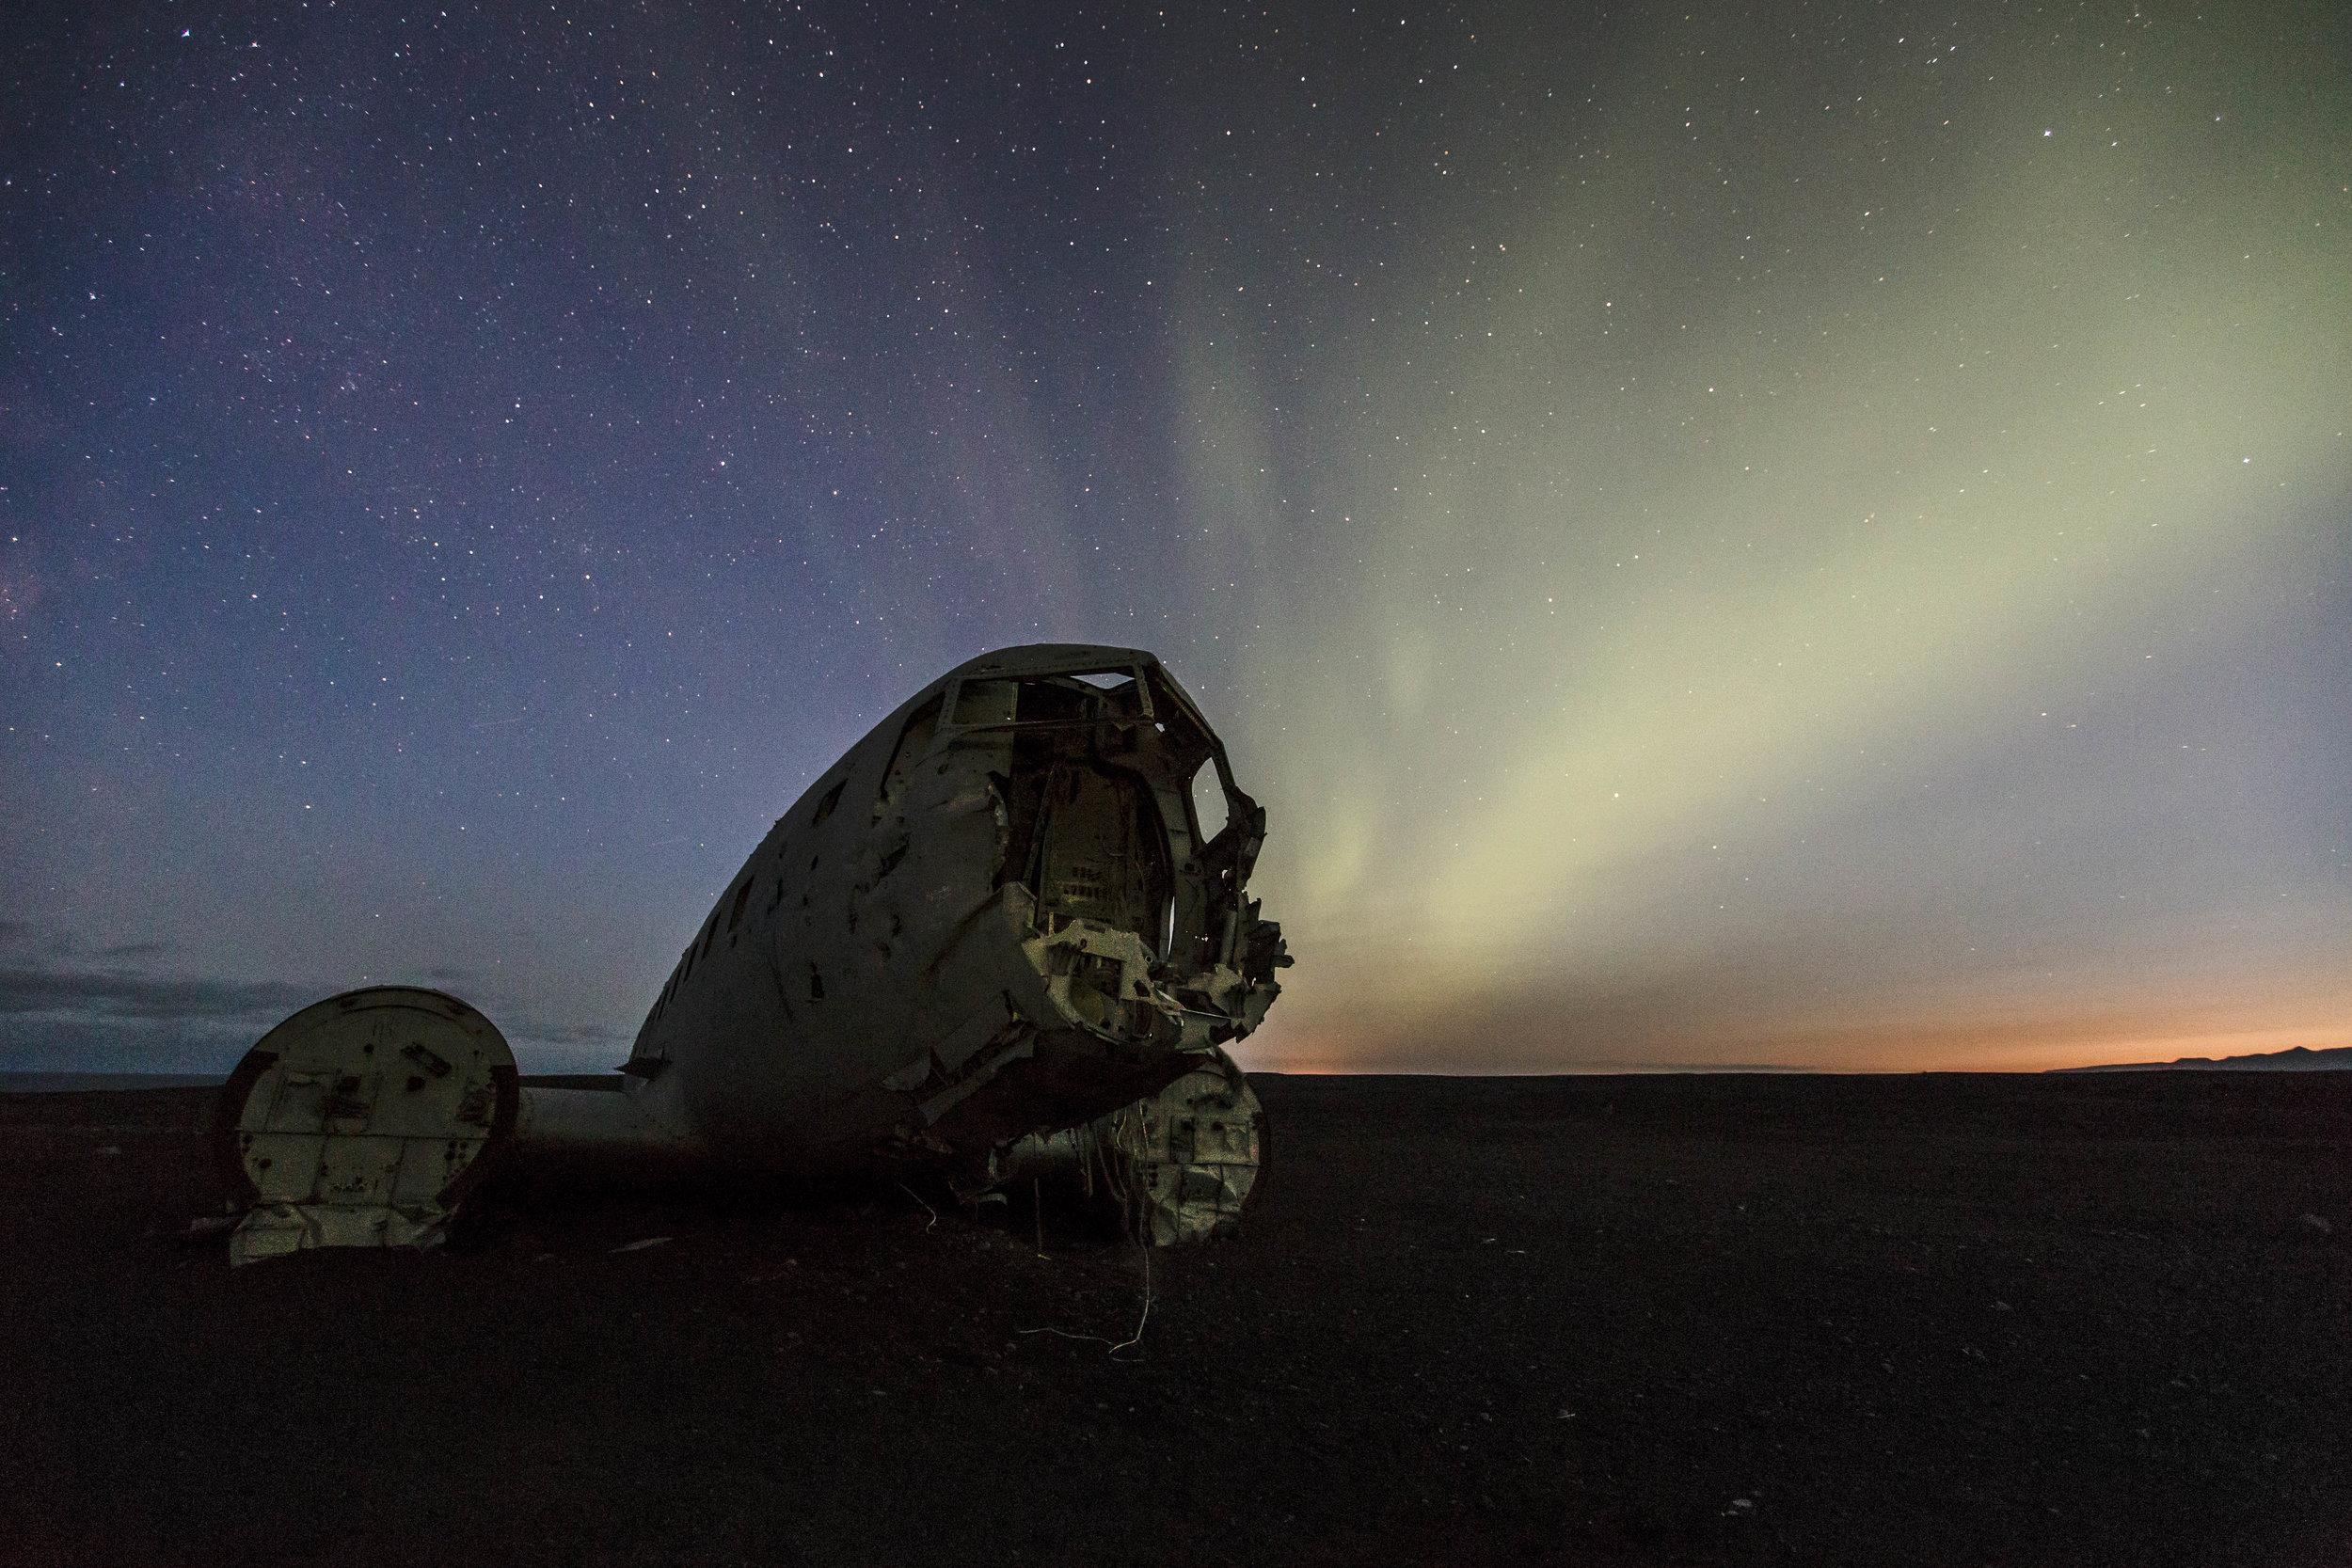 Sólheimasandur Plane Crash – Iceland